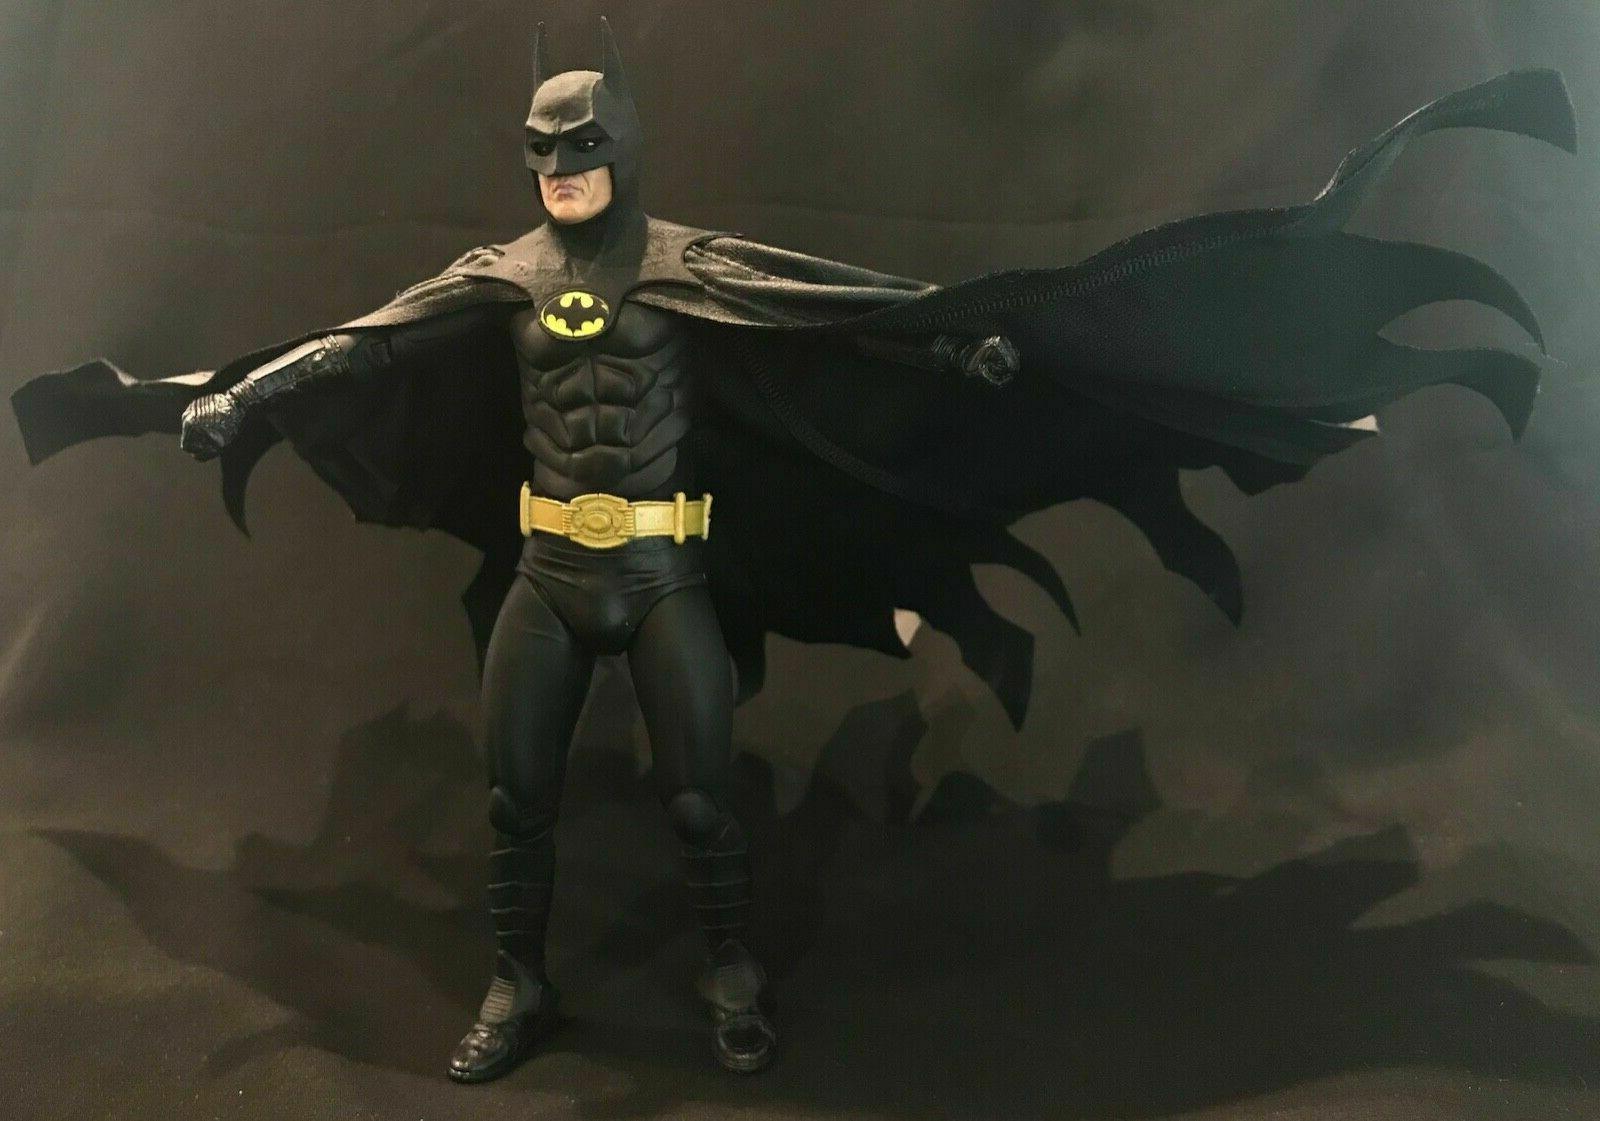 KC-BAT-DVC: Black Wired for Mezco Batman